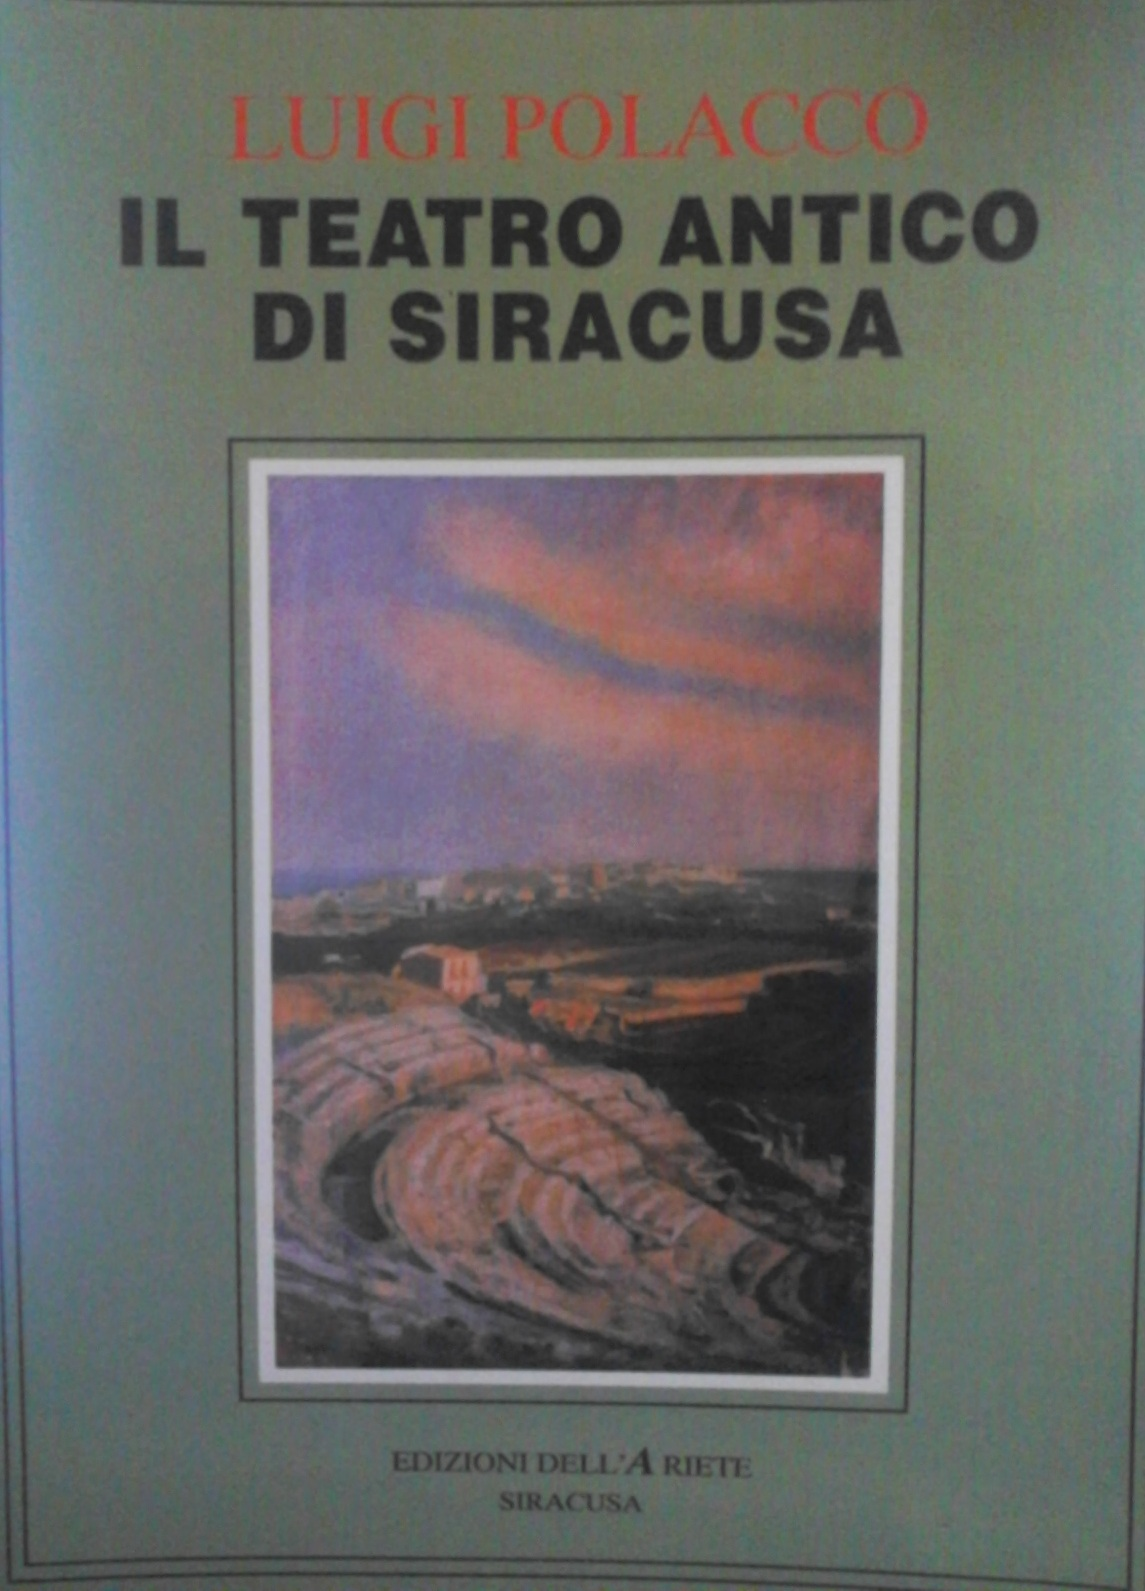 Il teatro antico di Siracusa